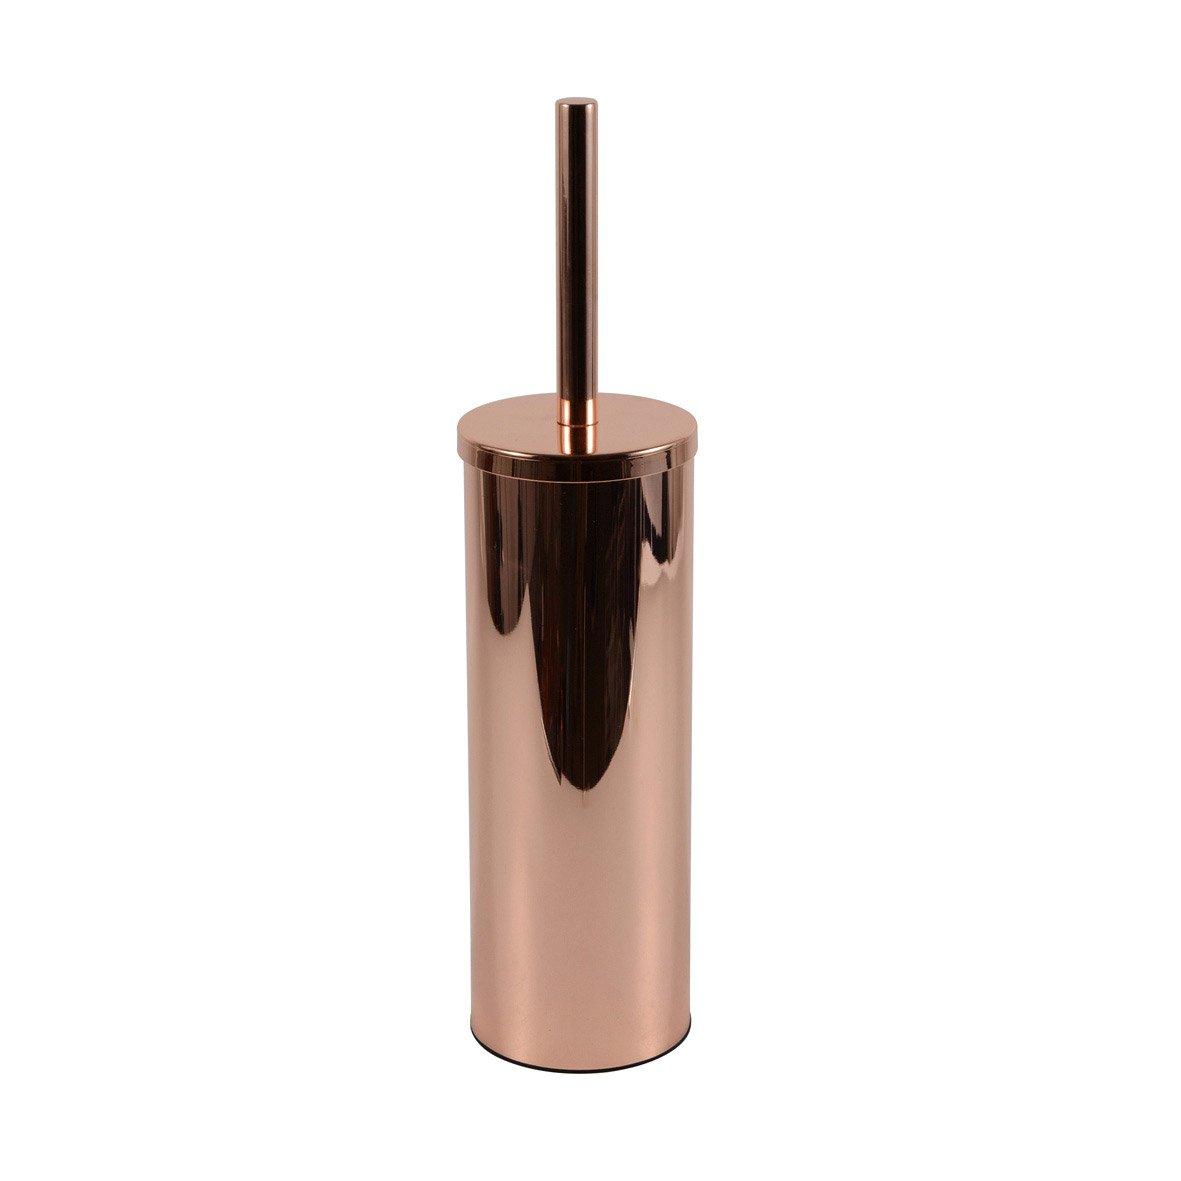 Accessoire Salle De Bain Cuivre ~ brosse wc m tal copper cuivre leroy merlin